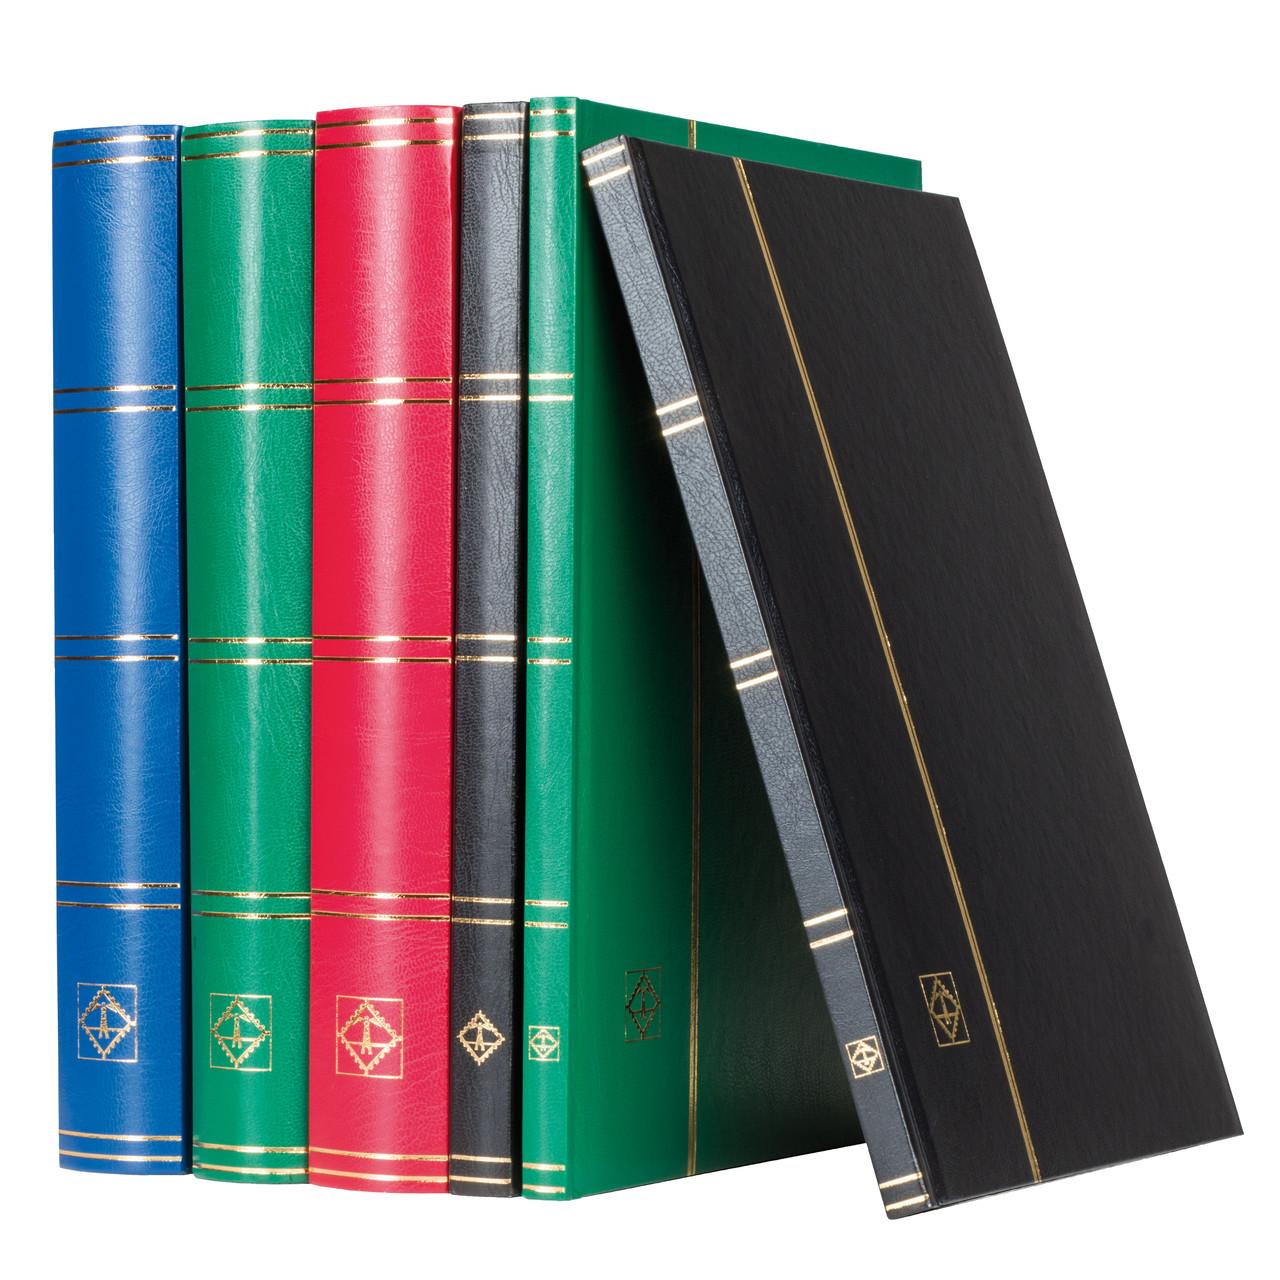 Альбом Leuchtturm для марок (кляссер) с 32 листами из черного картона, А4, зеленый